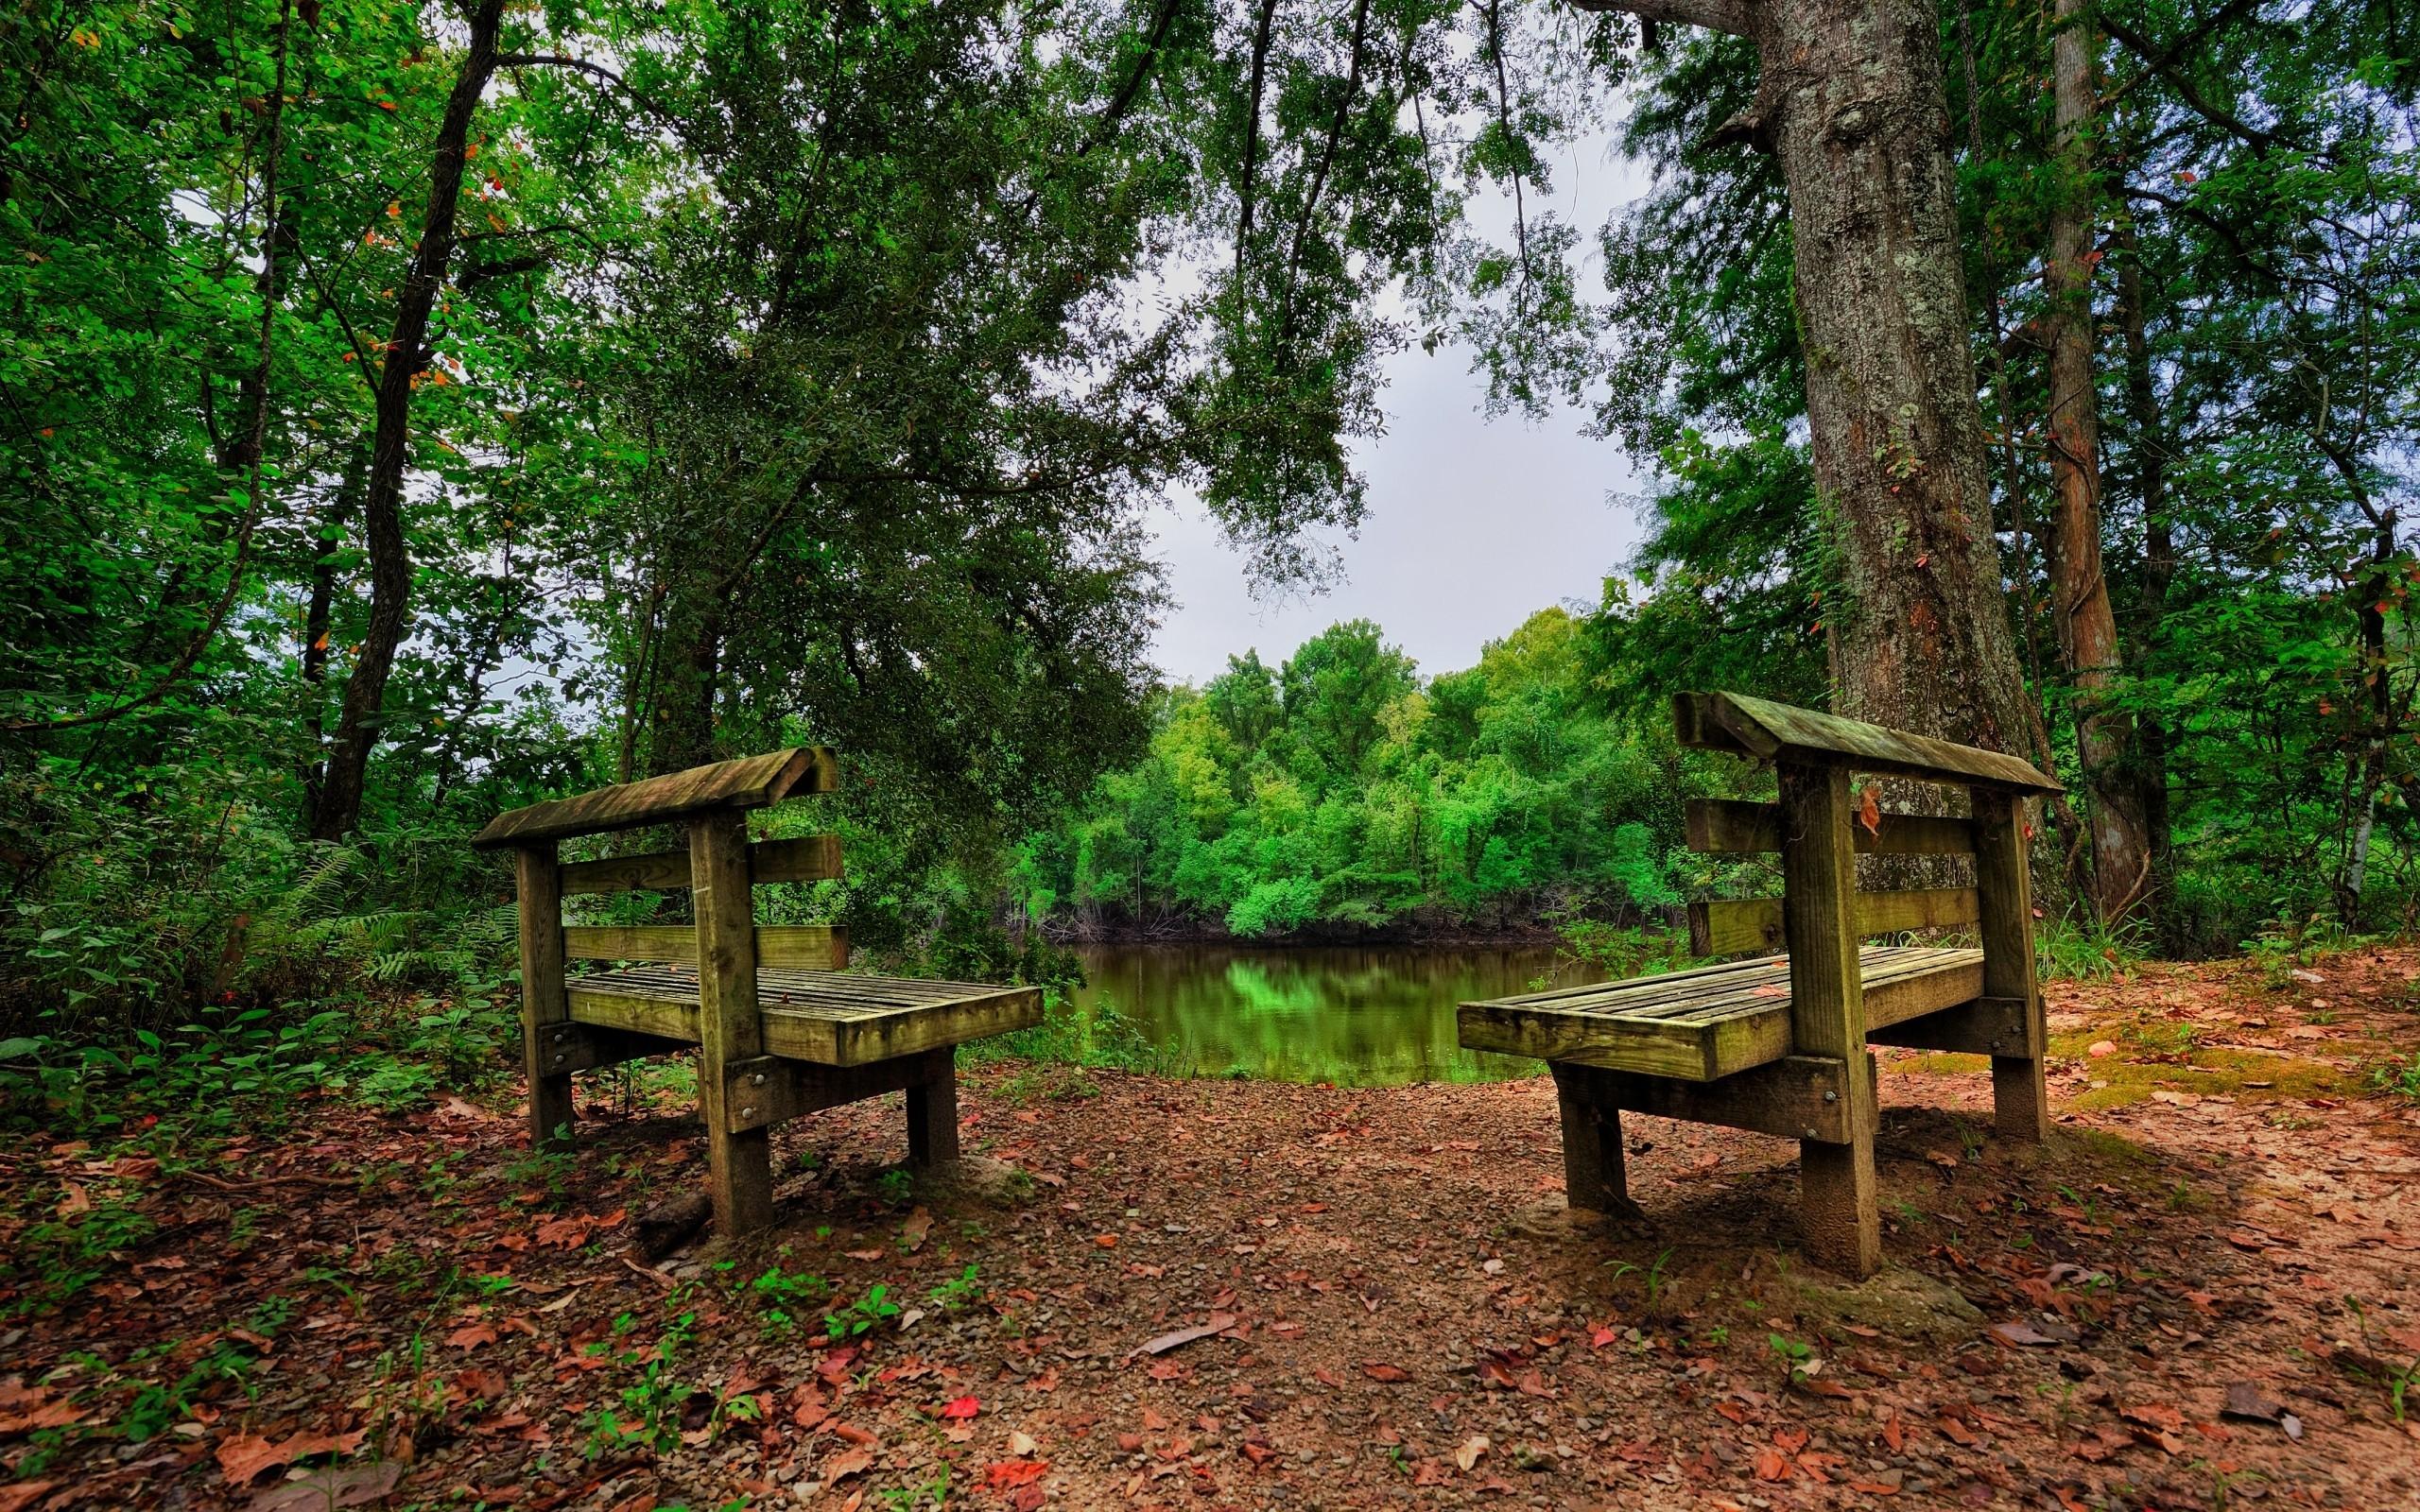 обои : Деревьями, пейзаж, листья, сад, озеро, природа, парк, Зеленый, скамейка, HDR, Дикая местность, Джунгли, Тропический лес,